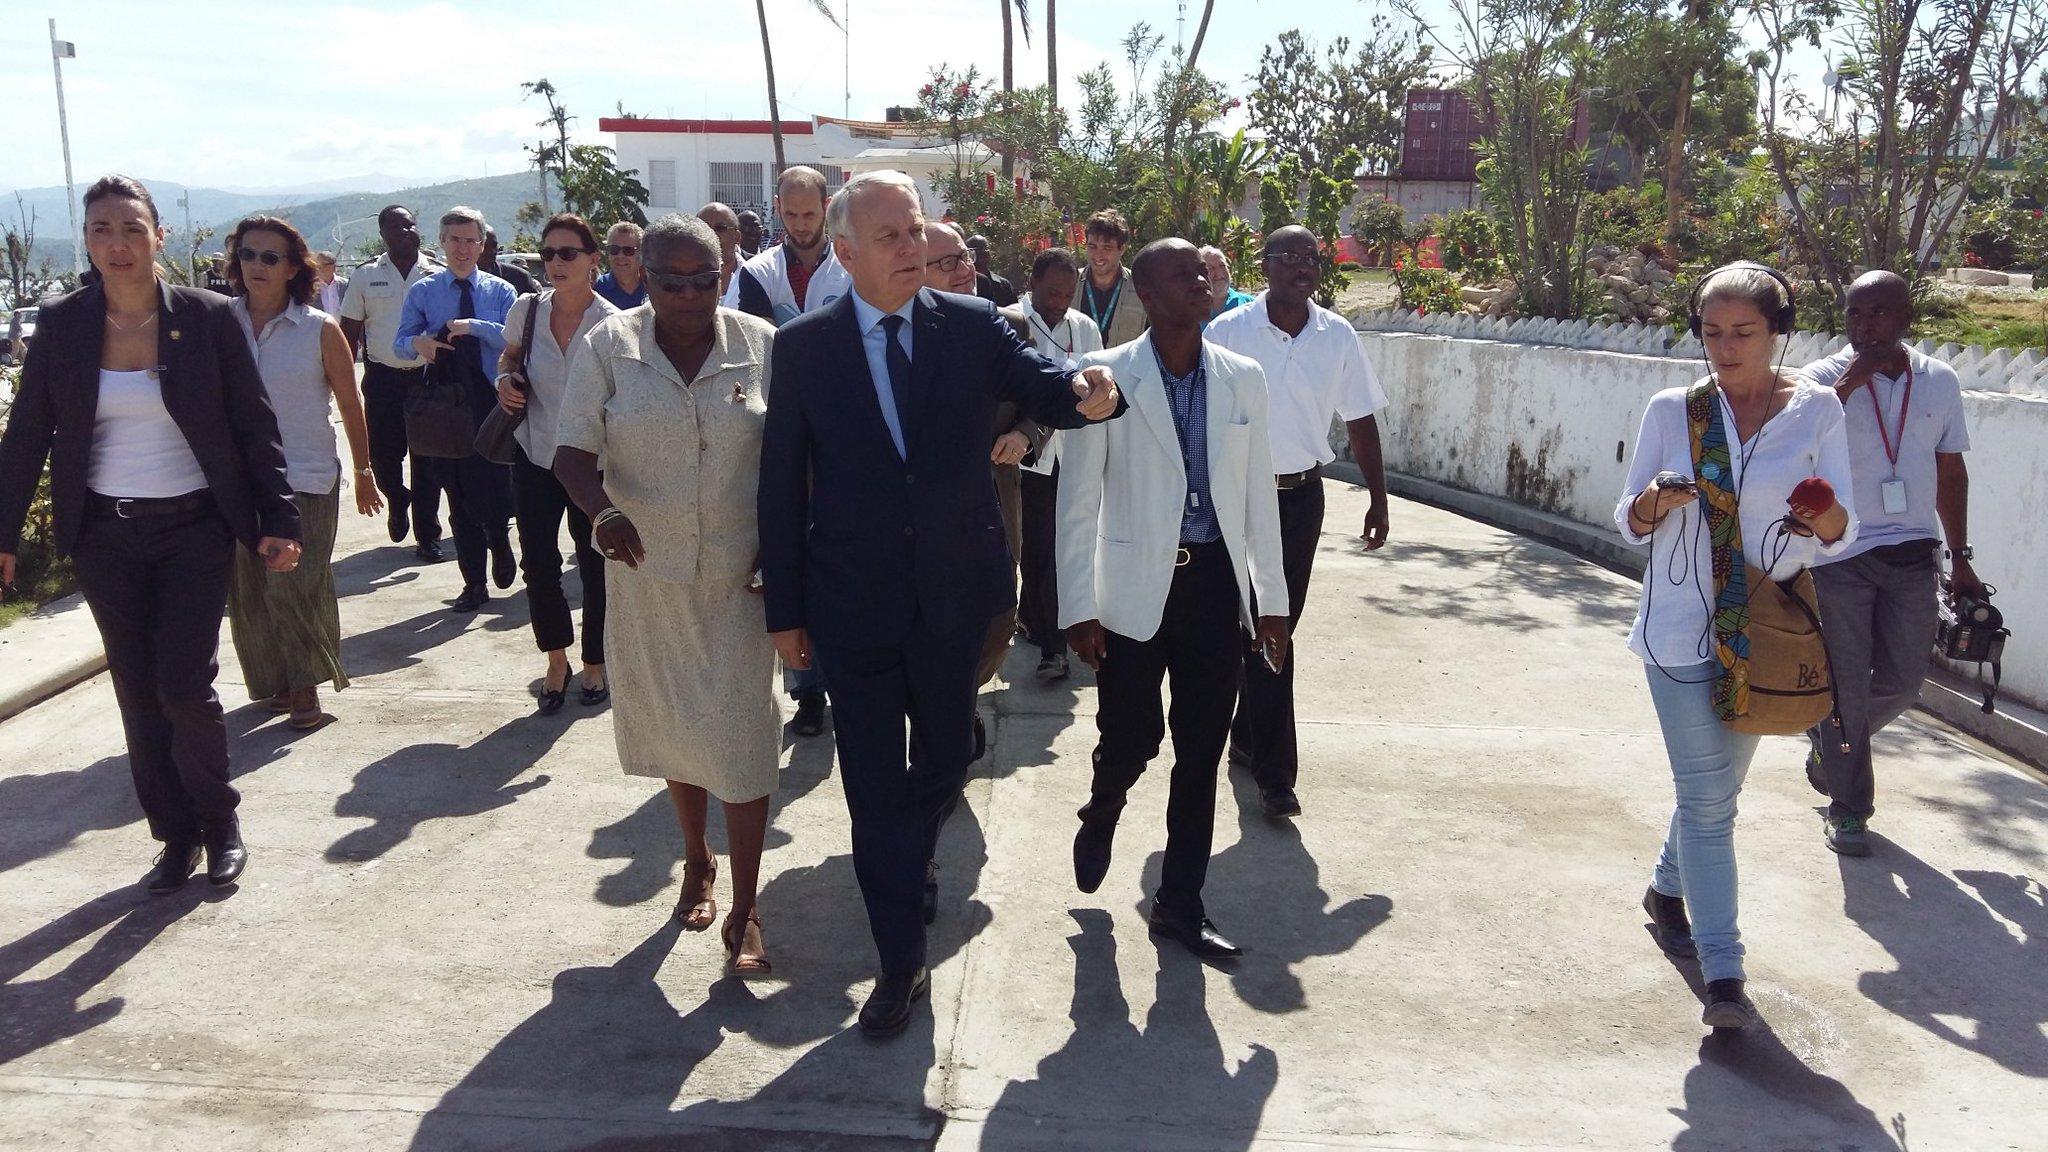 Visite de l'hôpital de Jérémie, réhabilité après le passage de l'ouragan, grâce notamment au soutien de l'@AFD_France #Haïti https://t.co/KNumRV5vzV